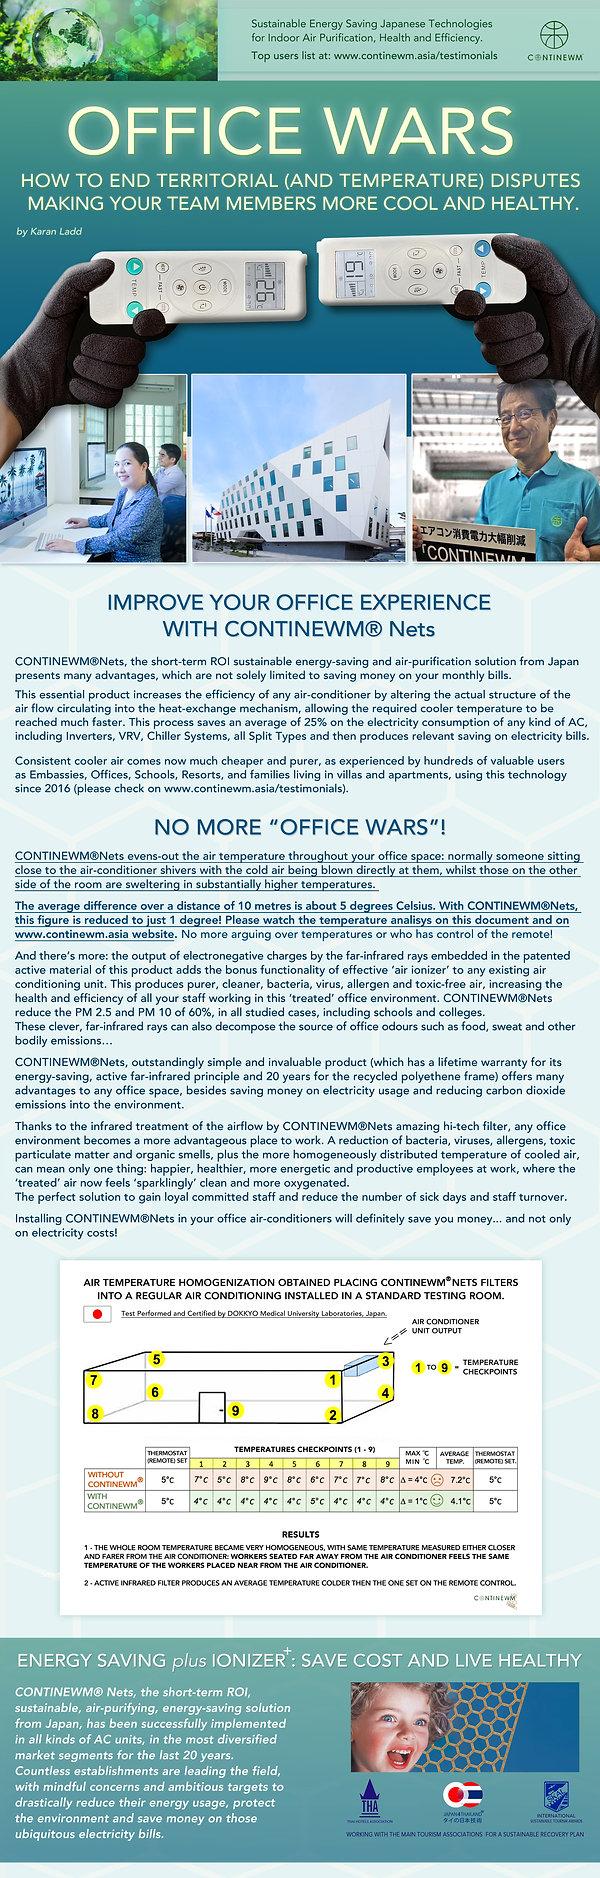 THE OFFICE WARS FLAT FINAL.jpg